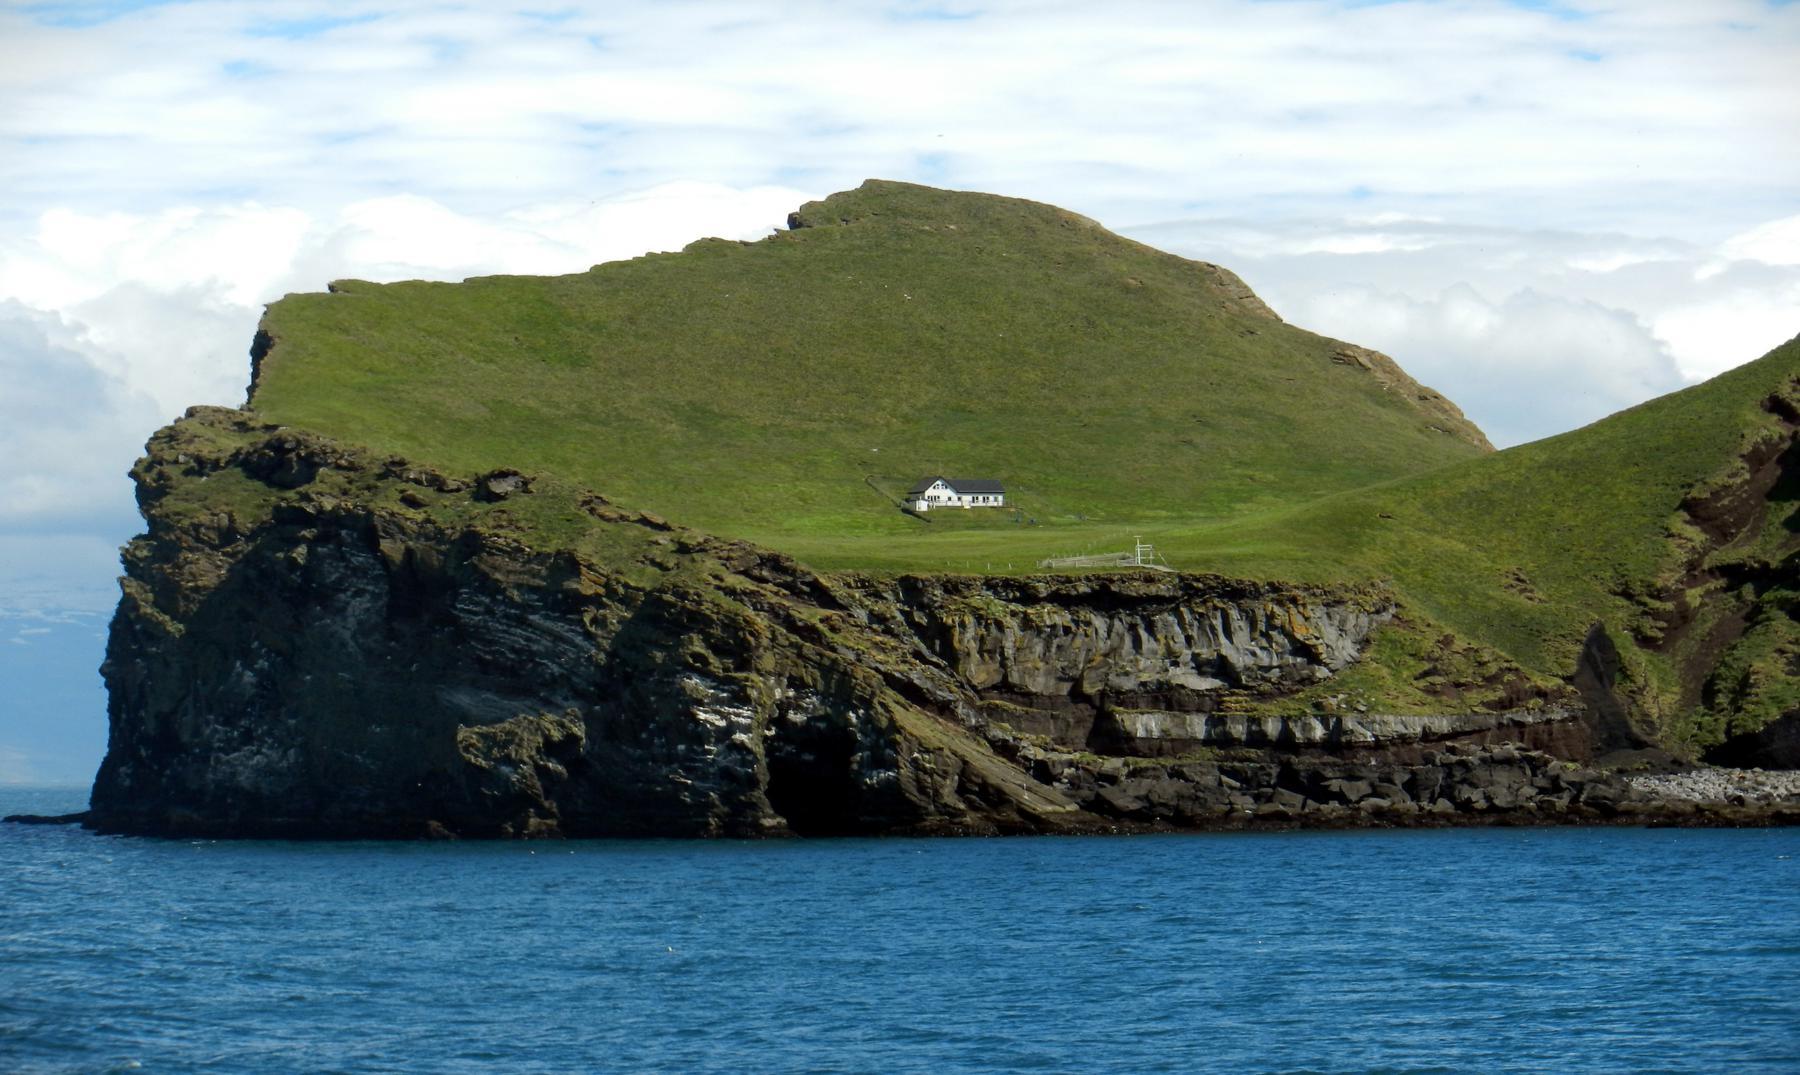 La solitaria casa de la isla de Elliðaey